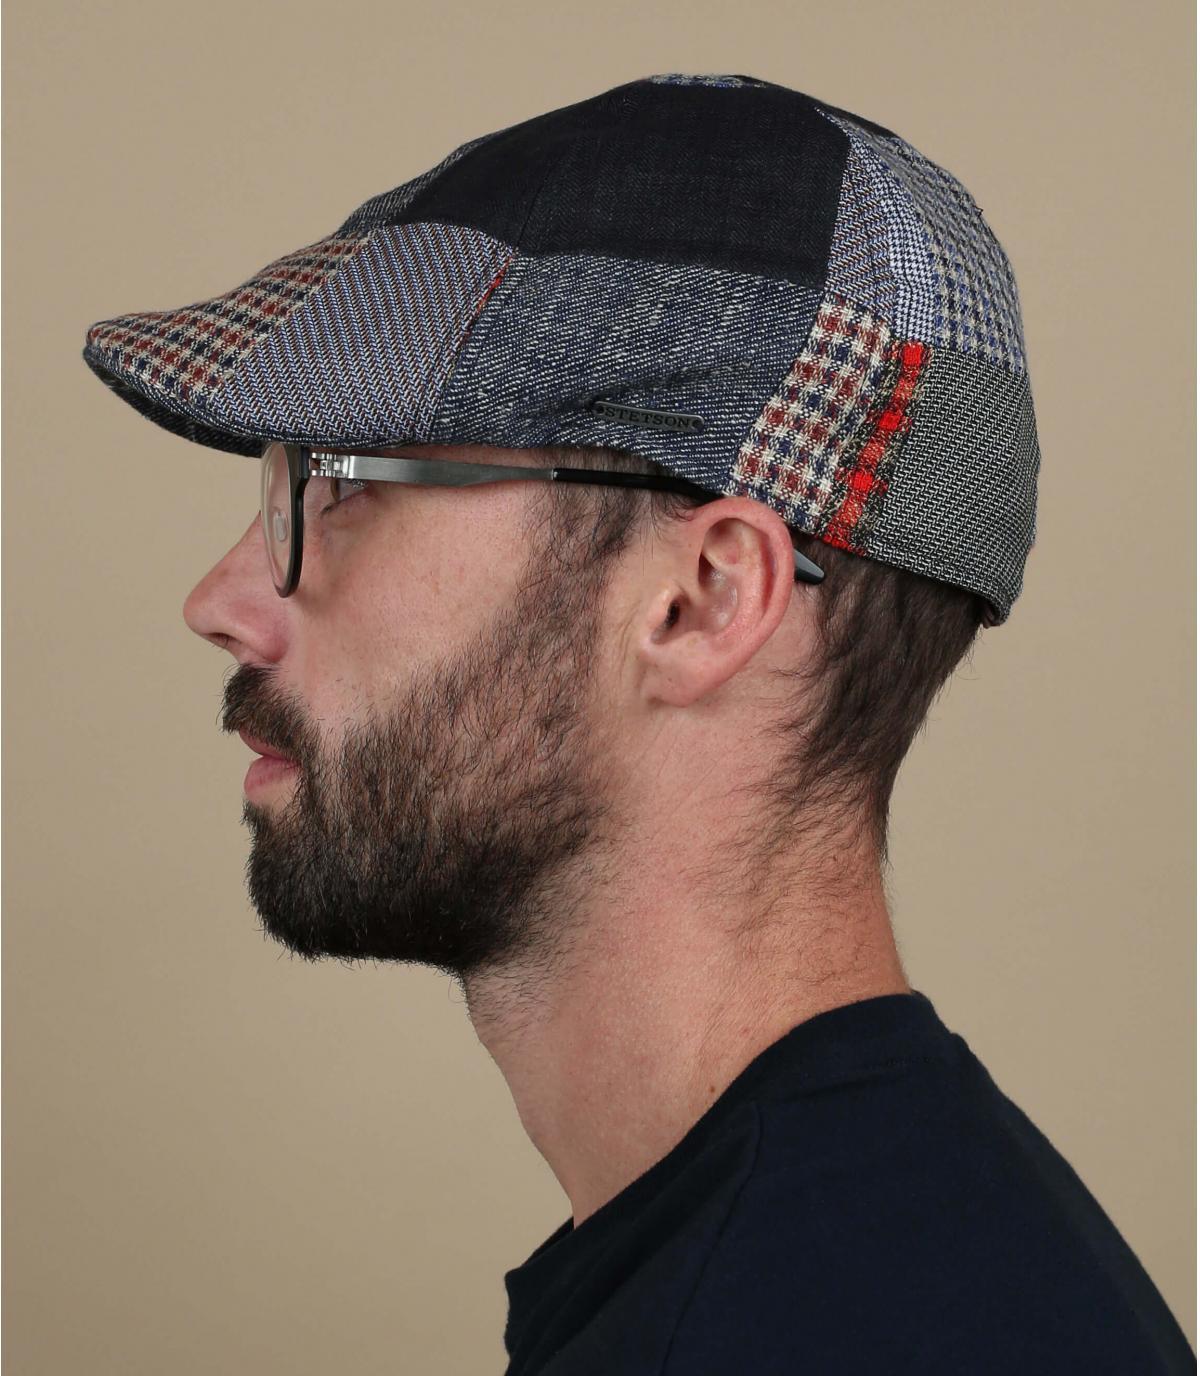 patchwork duckbill cap